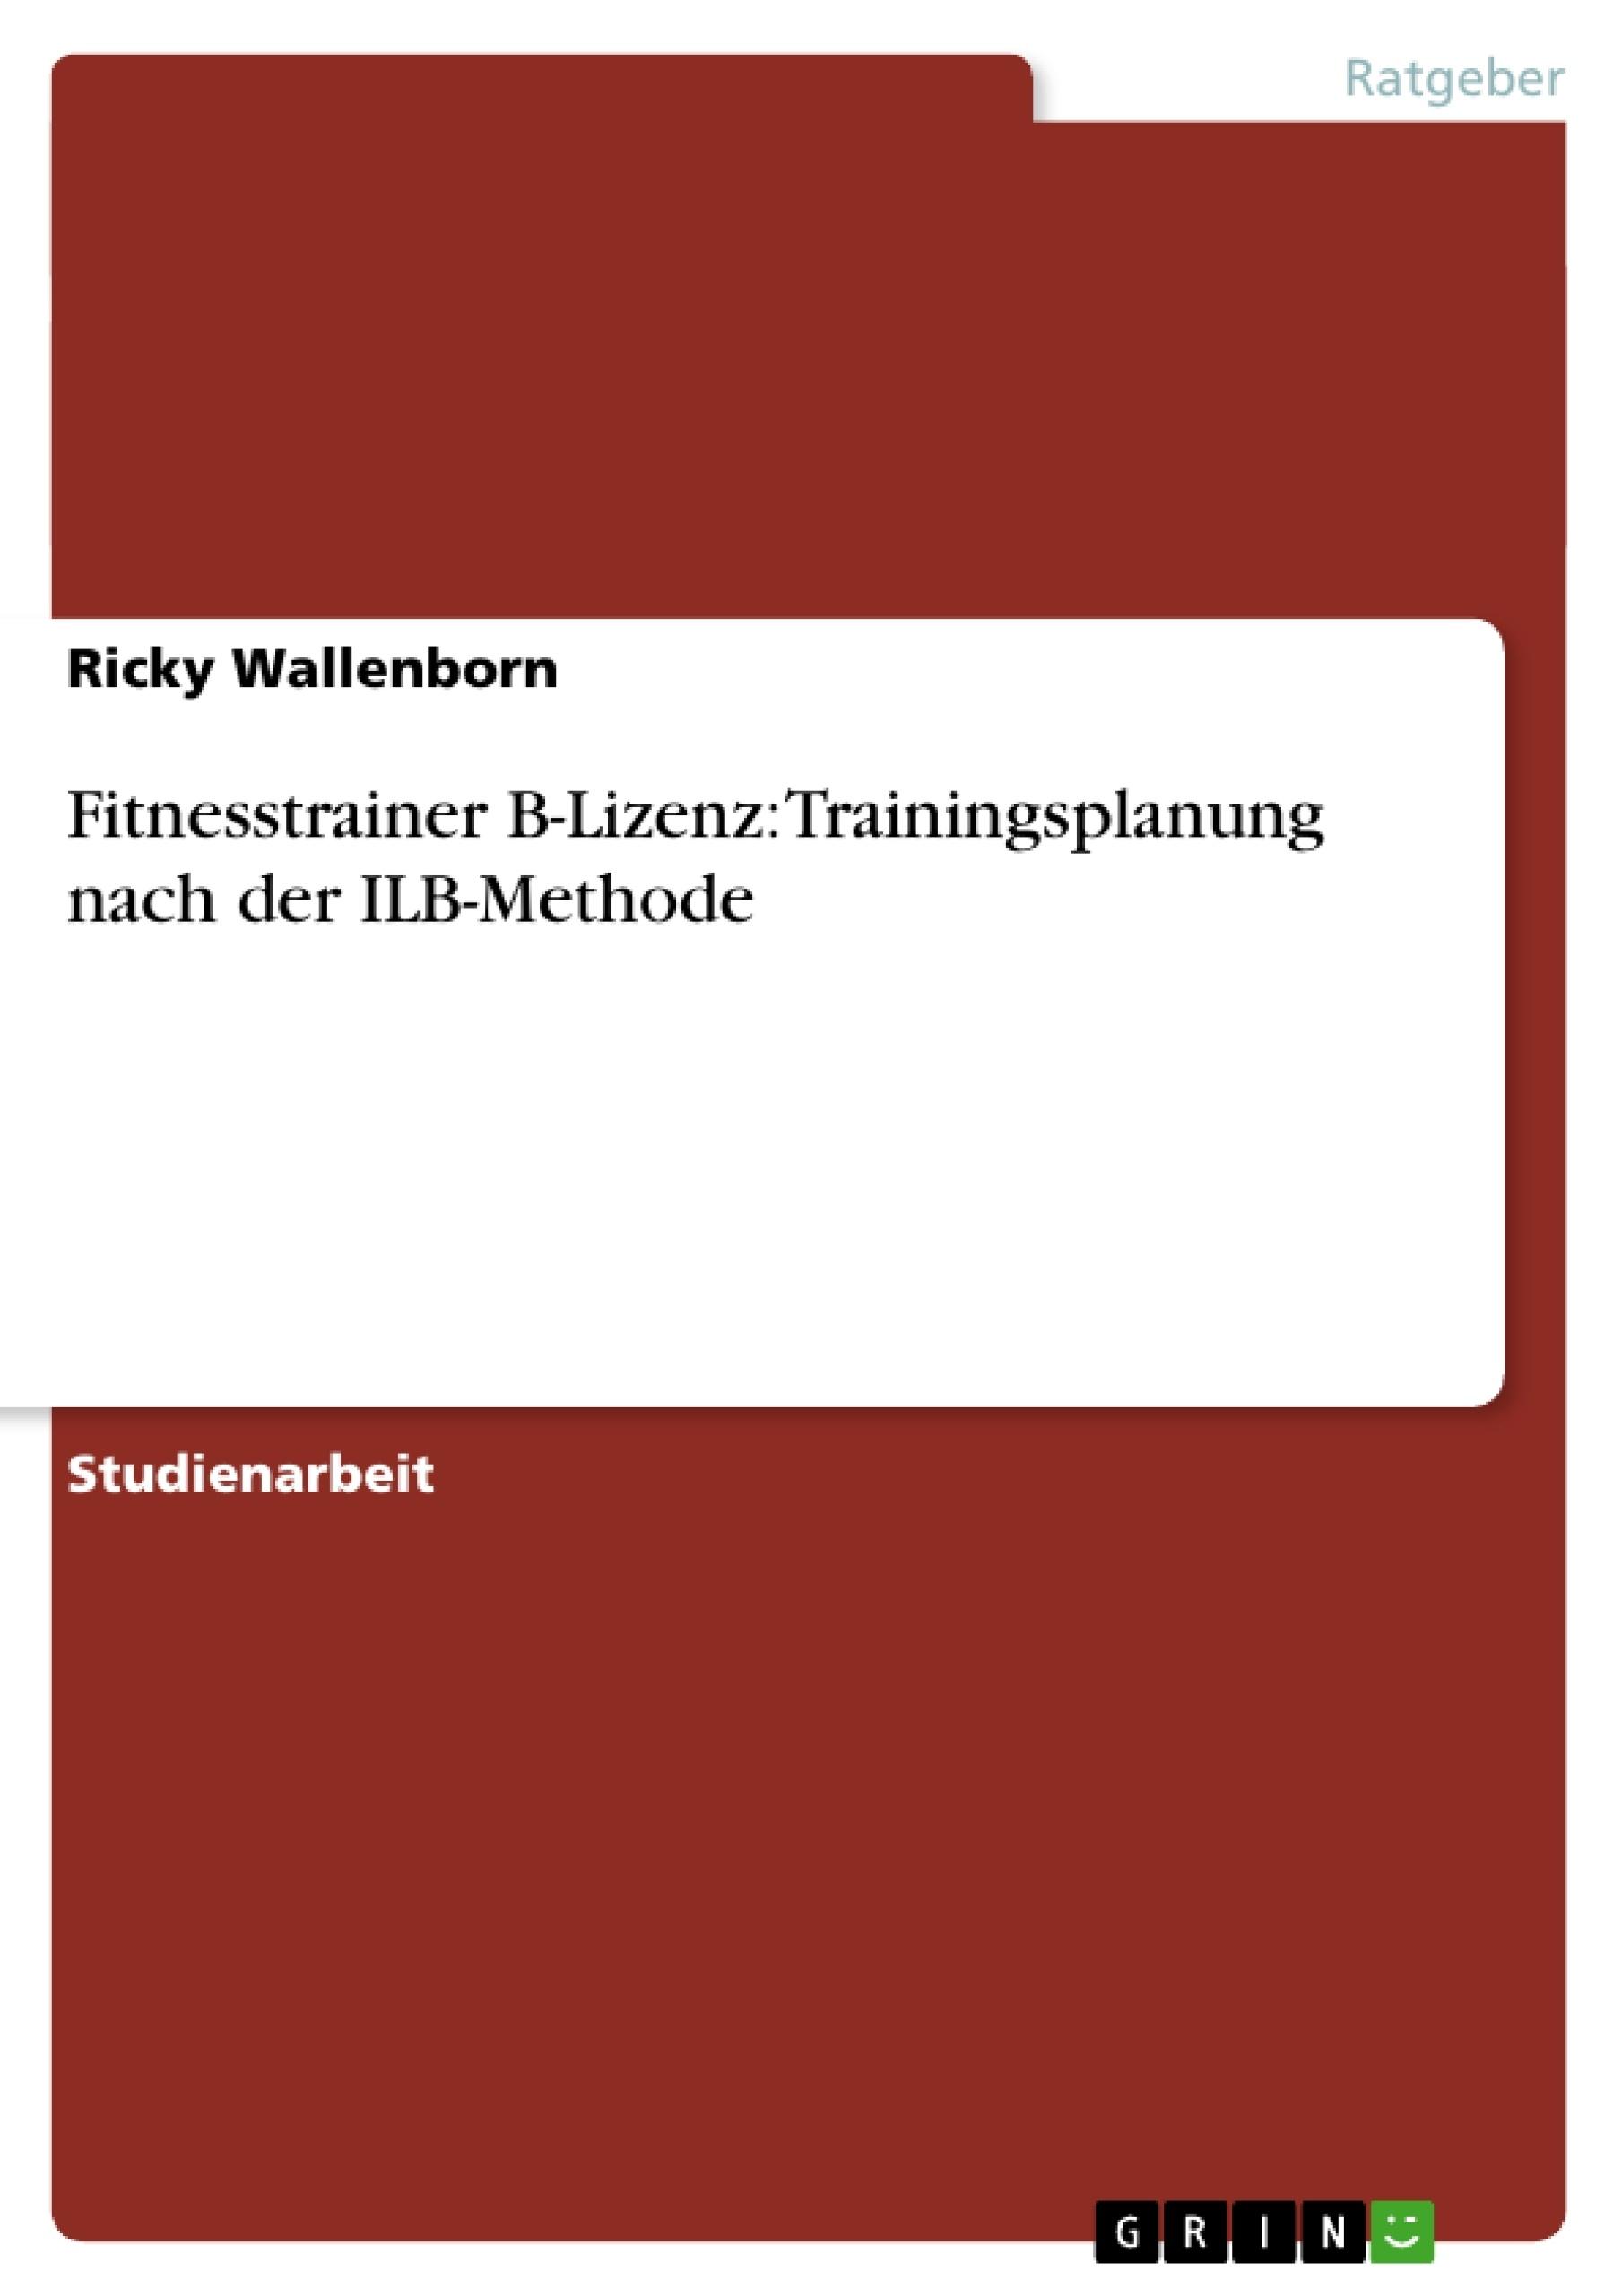 Titel: Fitnesstrainer B-Lizenz: Trainingsplanung nach der ILB-Methode